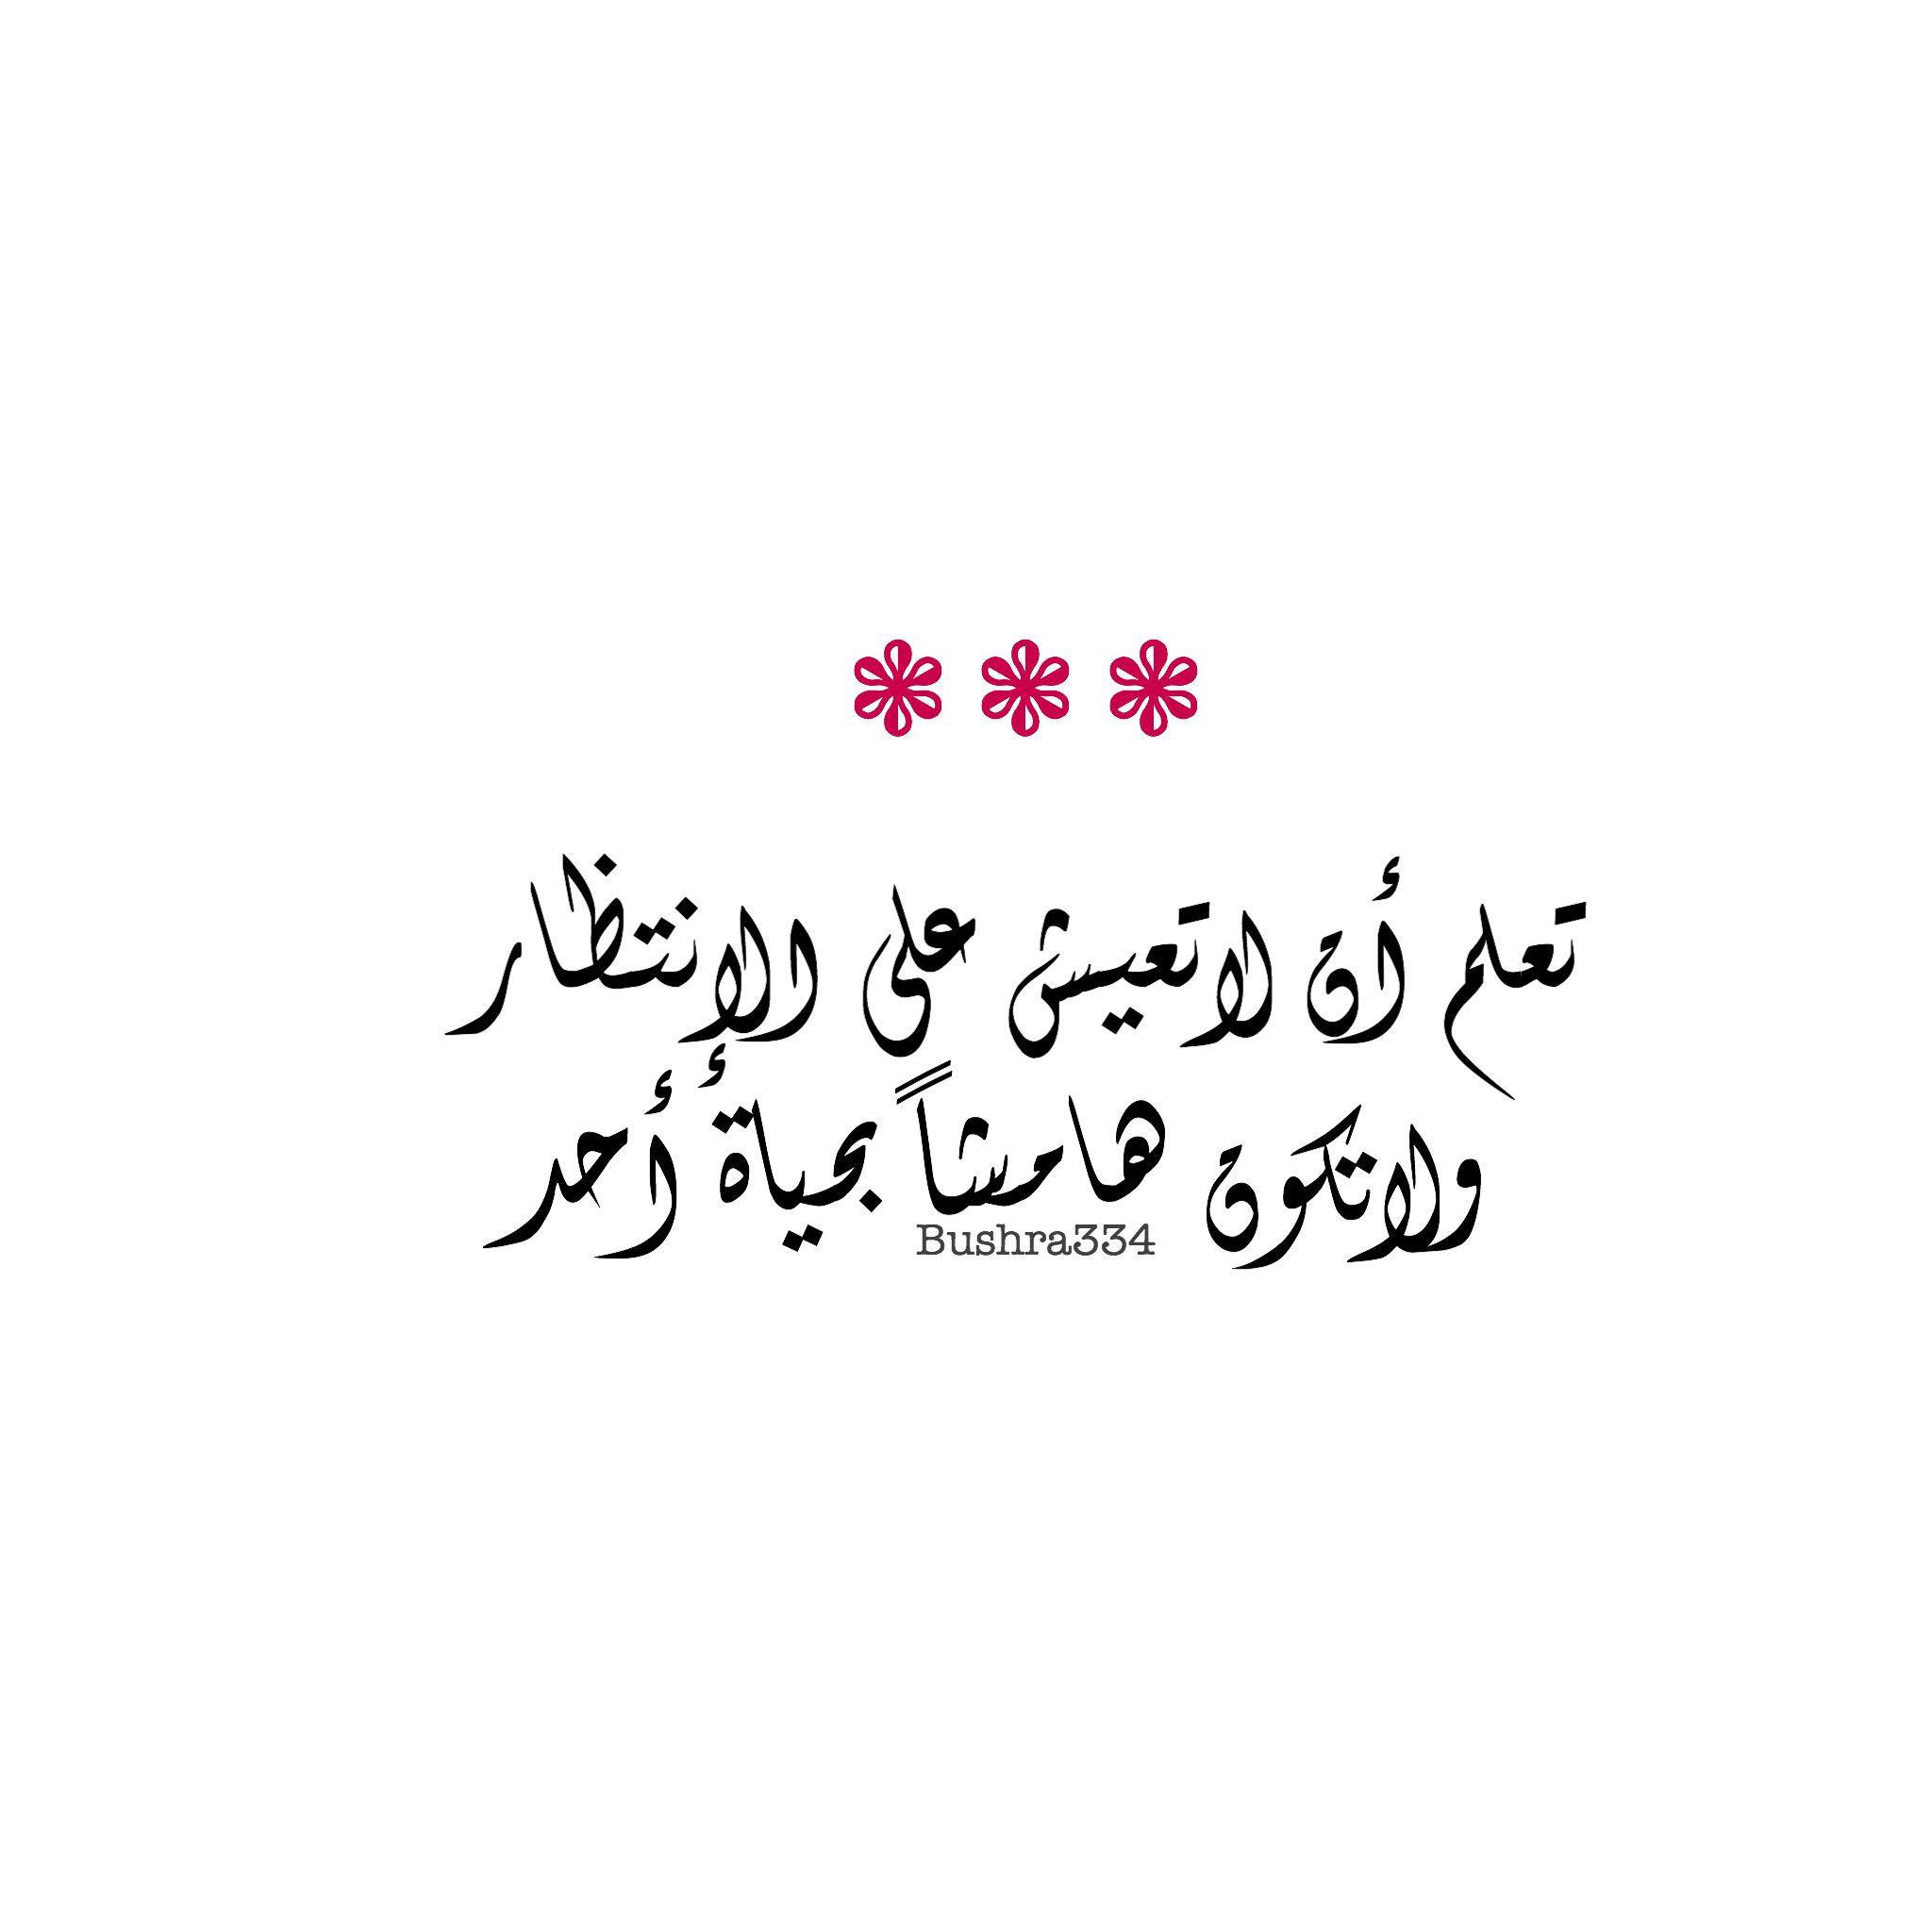 تعلم أن لاتعيش على إنتظار أحد ولا تجعل لنفسك قيمة دنيئة ارحل عمن لايعرف قيمتك الاستغناء عن البعض حياة Arabic Calligraphy Quotes Feelings